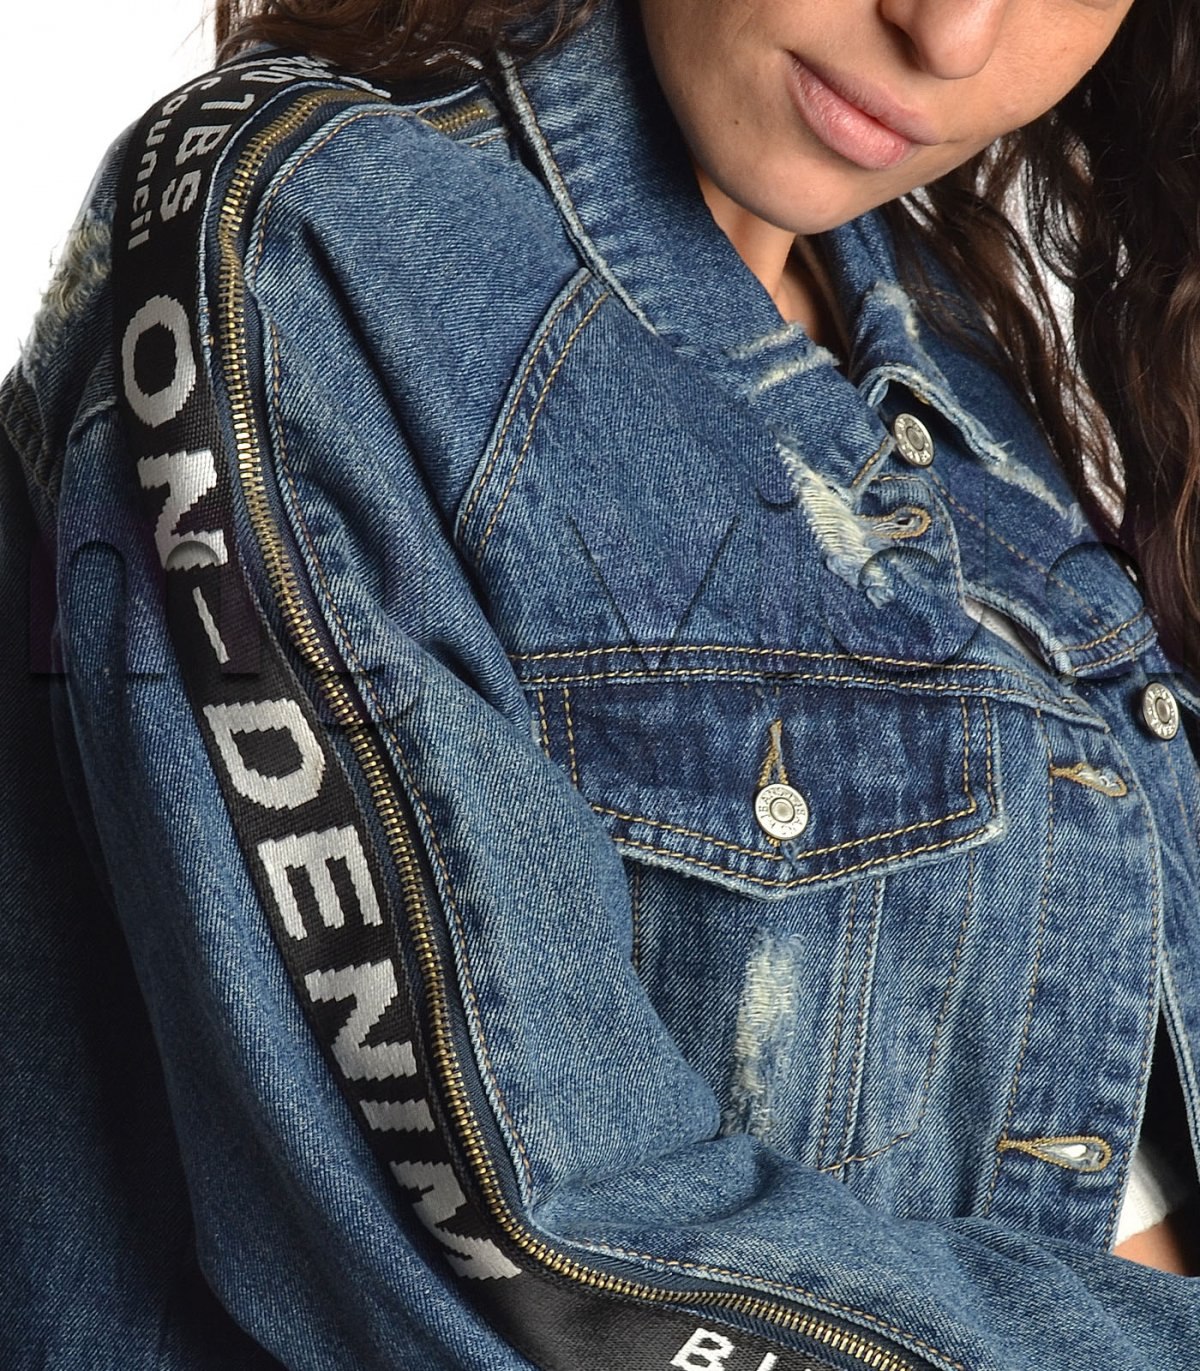 eb19079881 Giacchetto Jeans Denim ScritteMy Jeans ScritteMy Giacchetto Vida Denim  DHI2E9